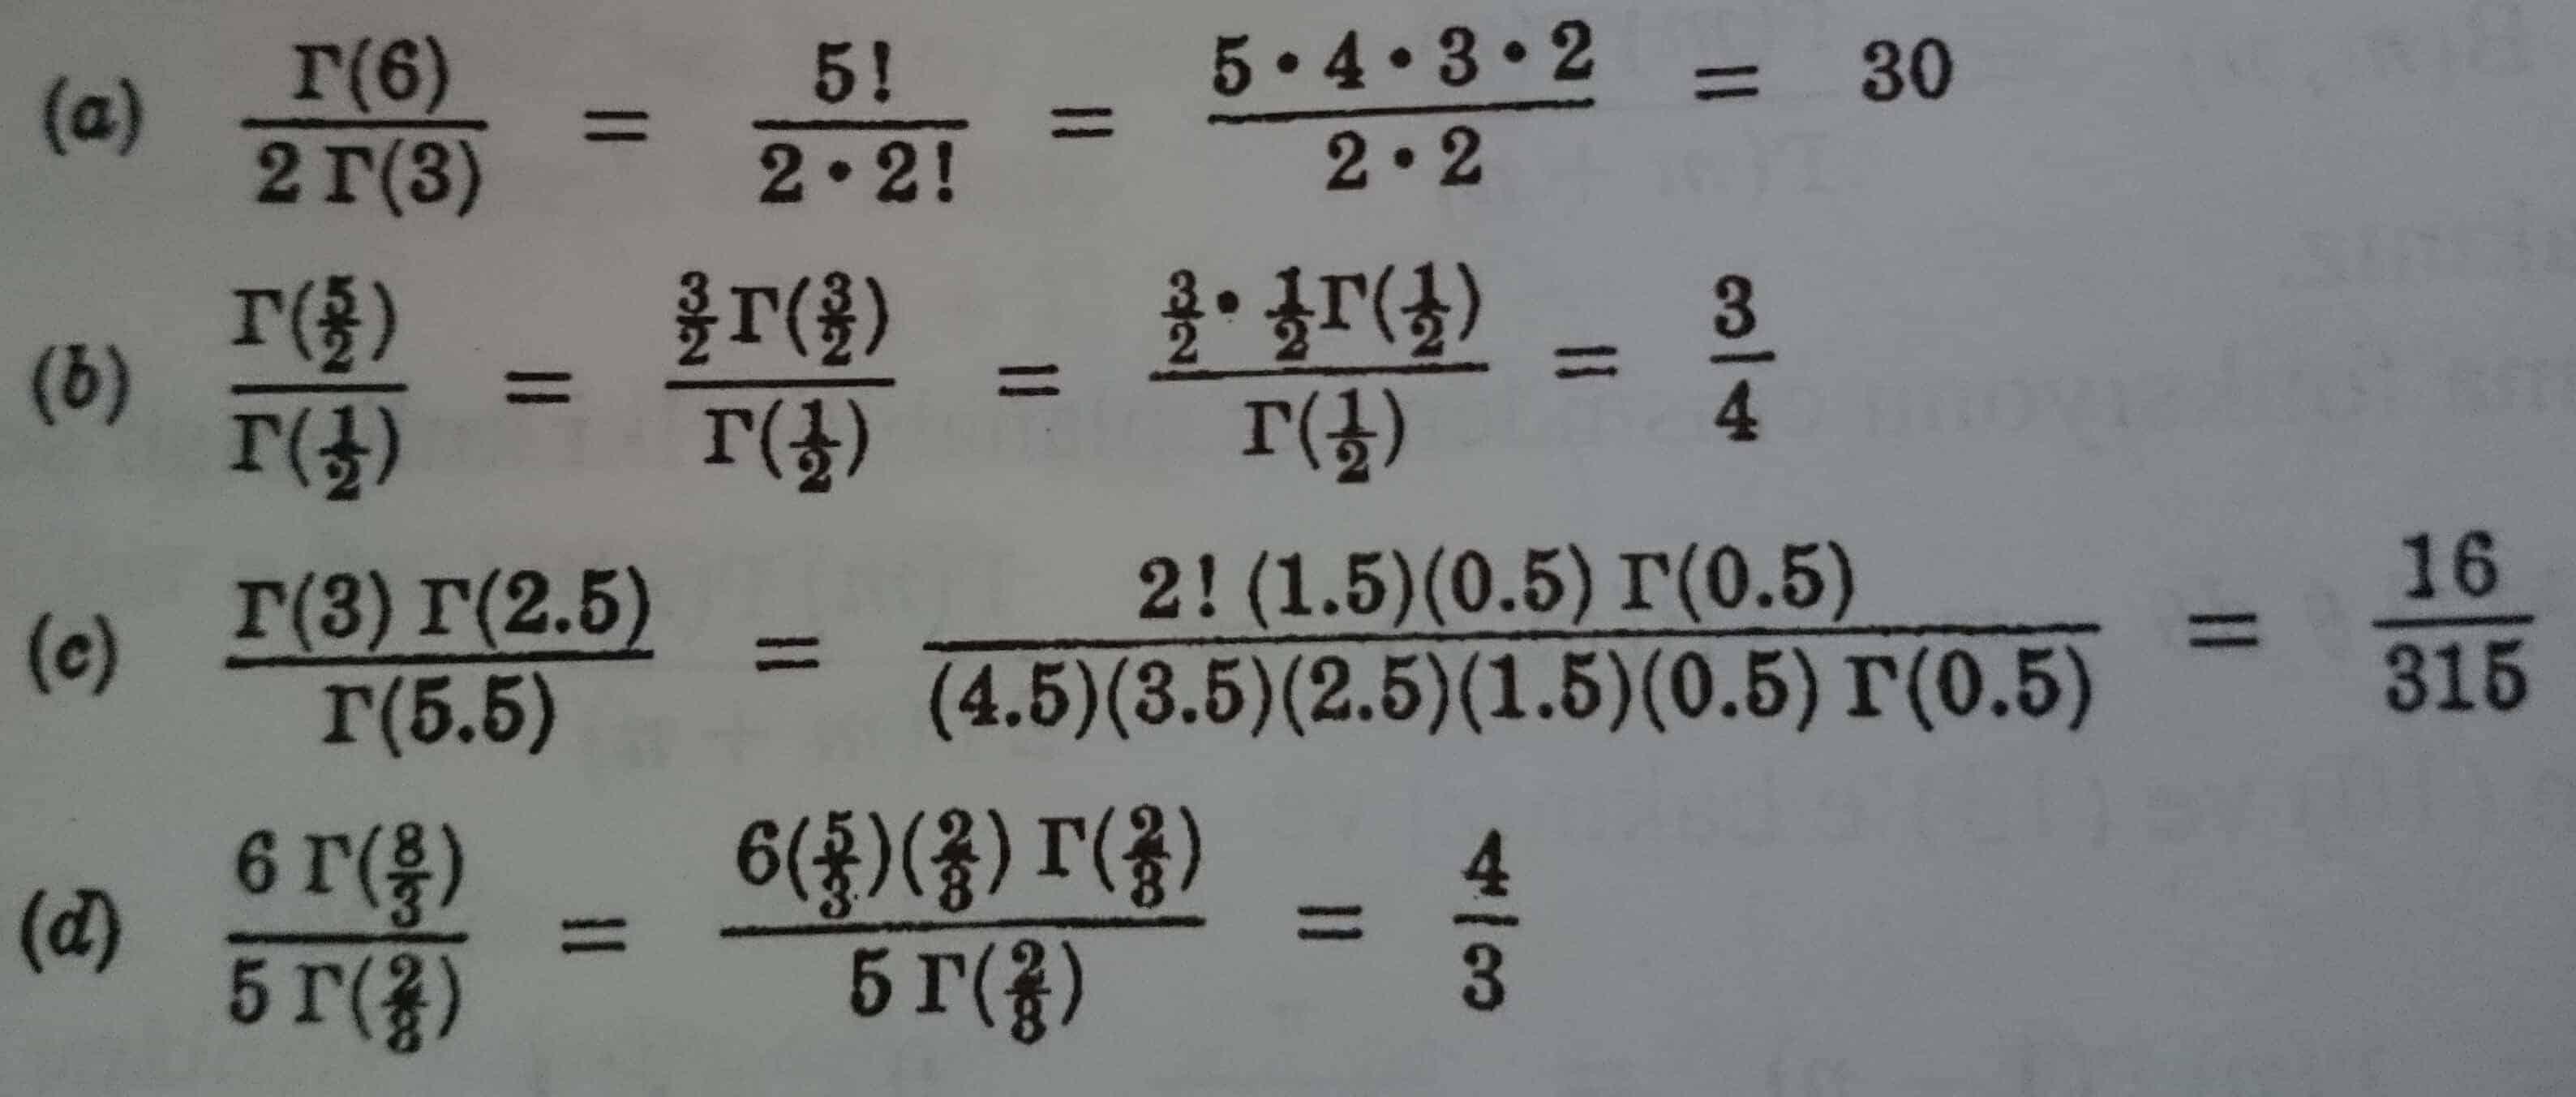 çözümlü örnekler gama fonksiyonu